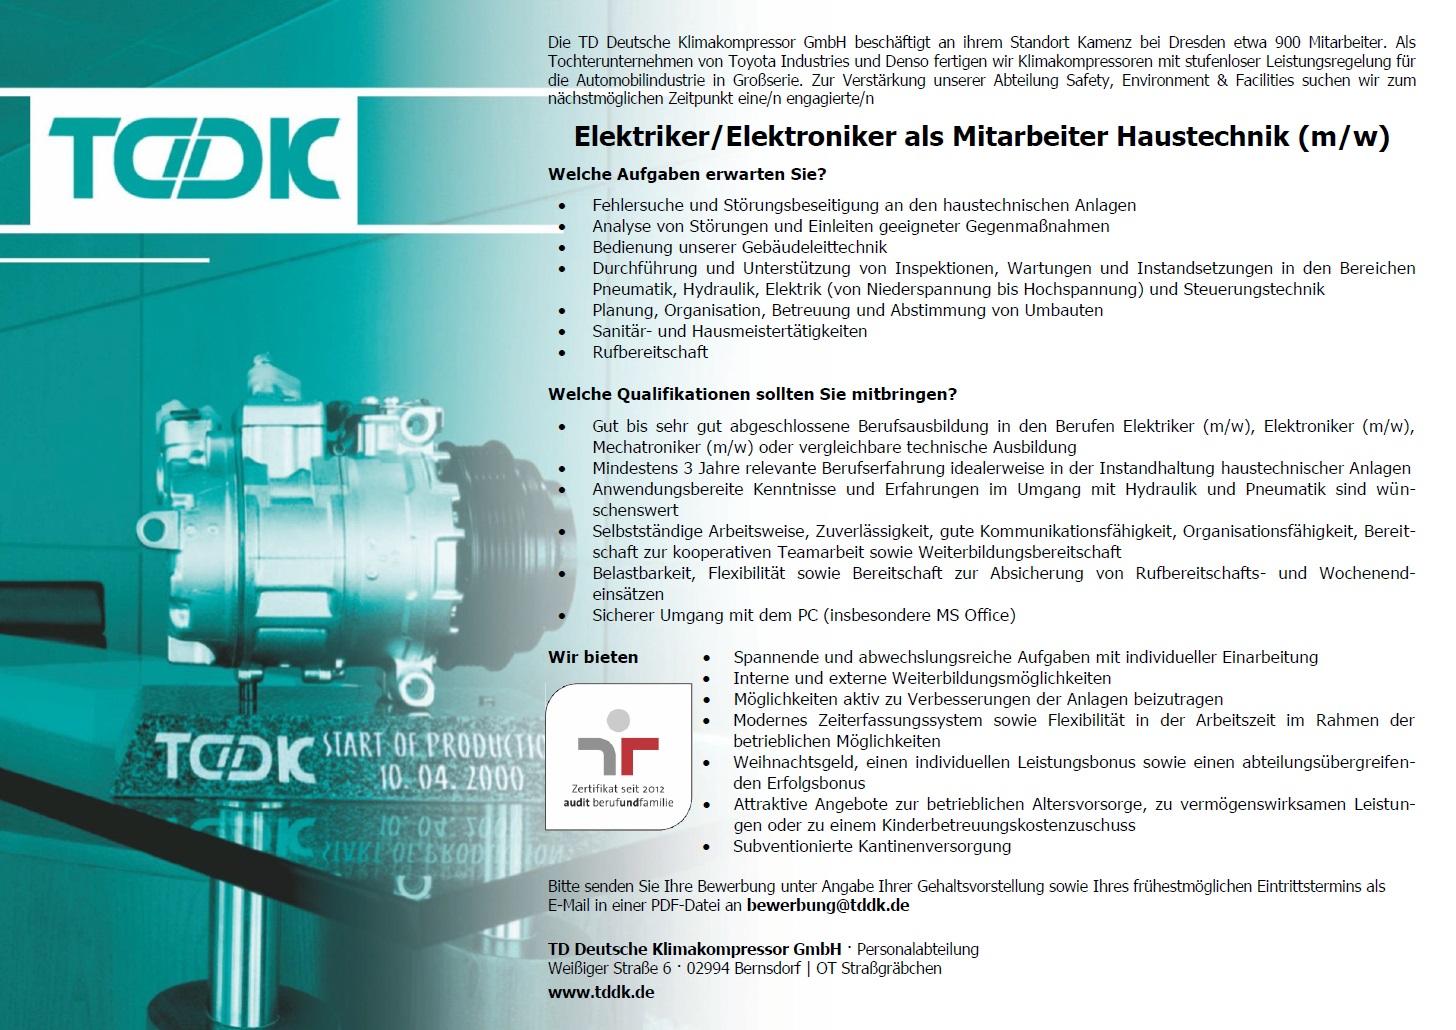 TDDK - Elektriker / Elektroniker als Mitarbeiter (m/w) in der Haustechnik